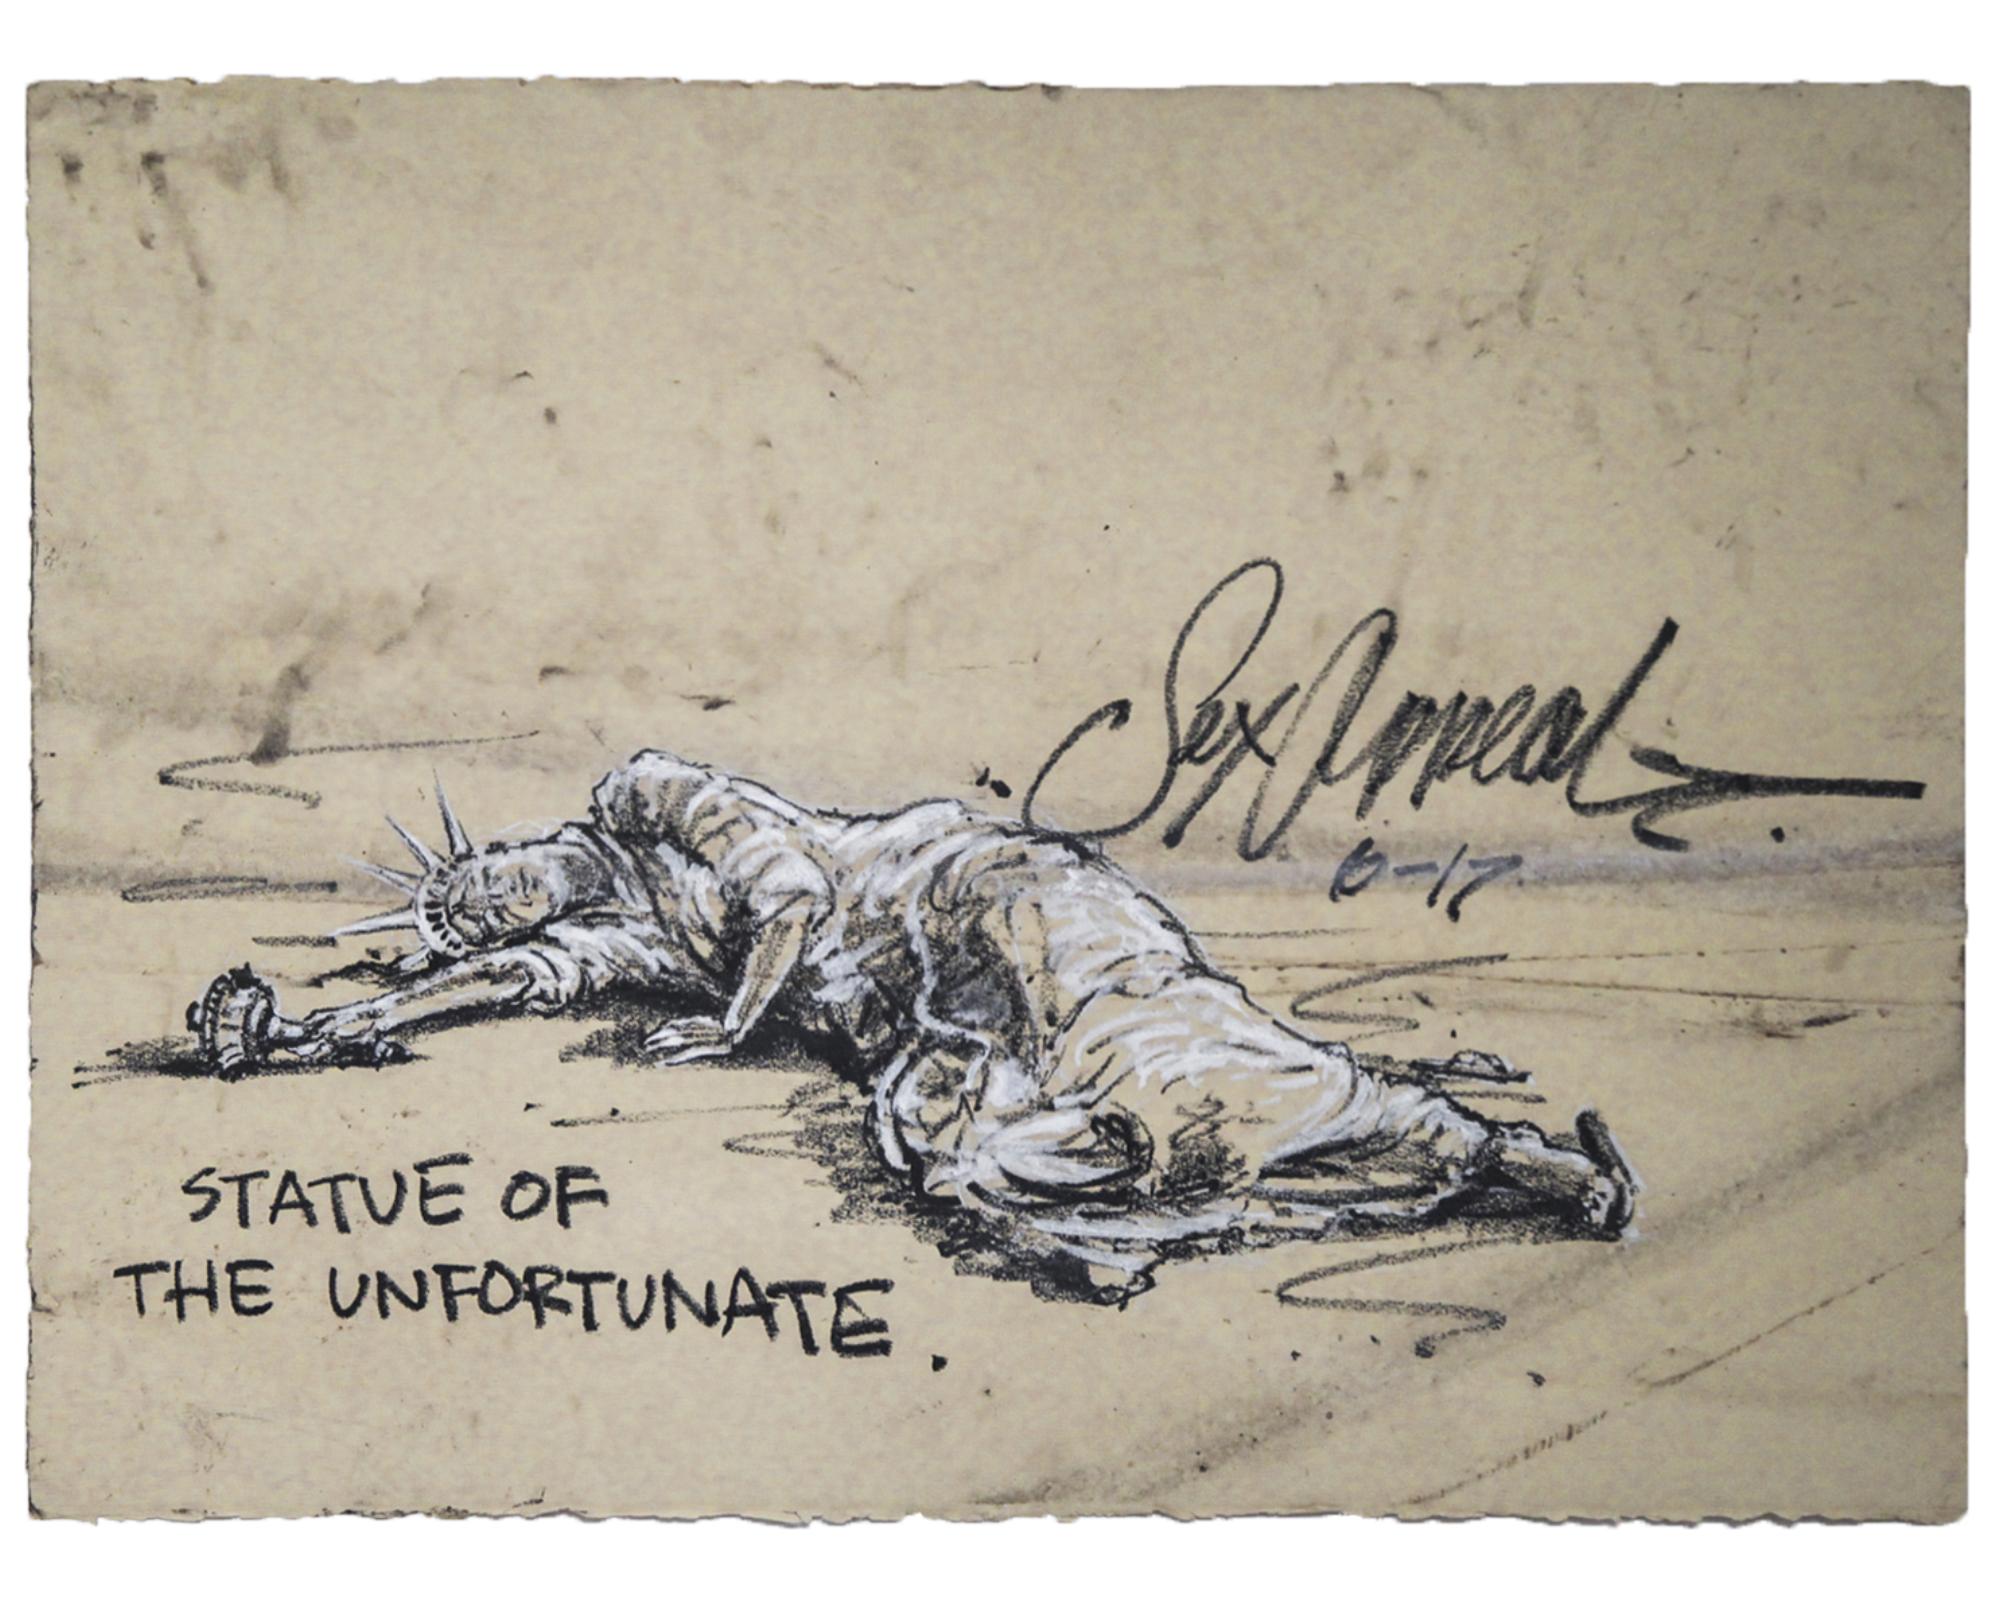 'Statue of the Unfortunate'